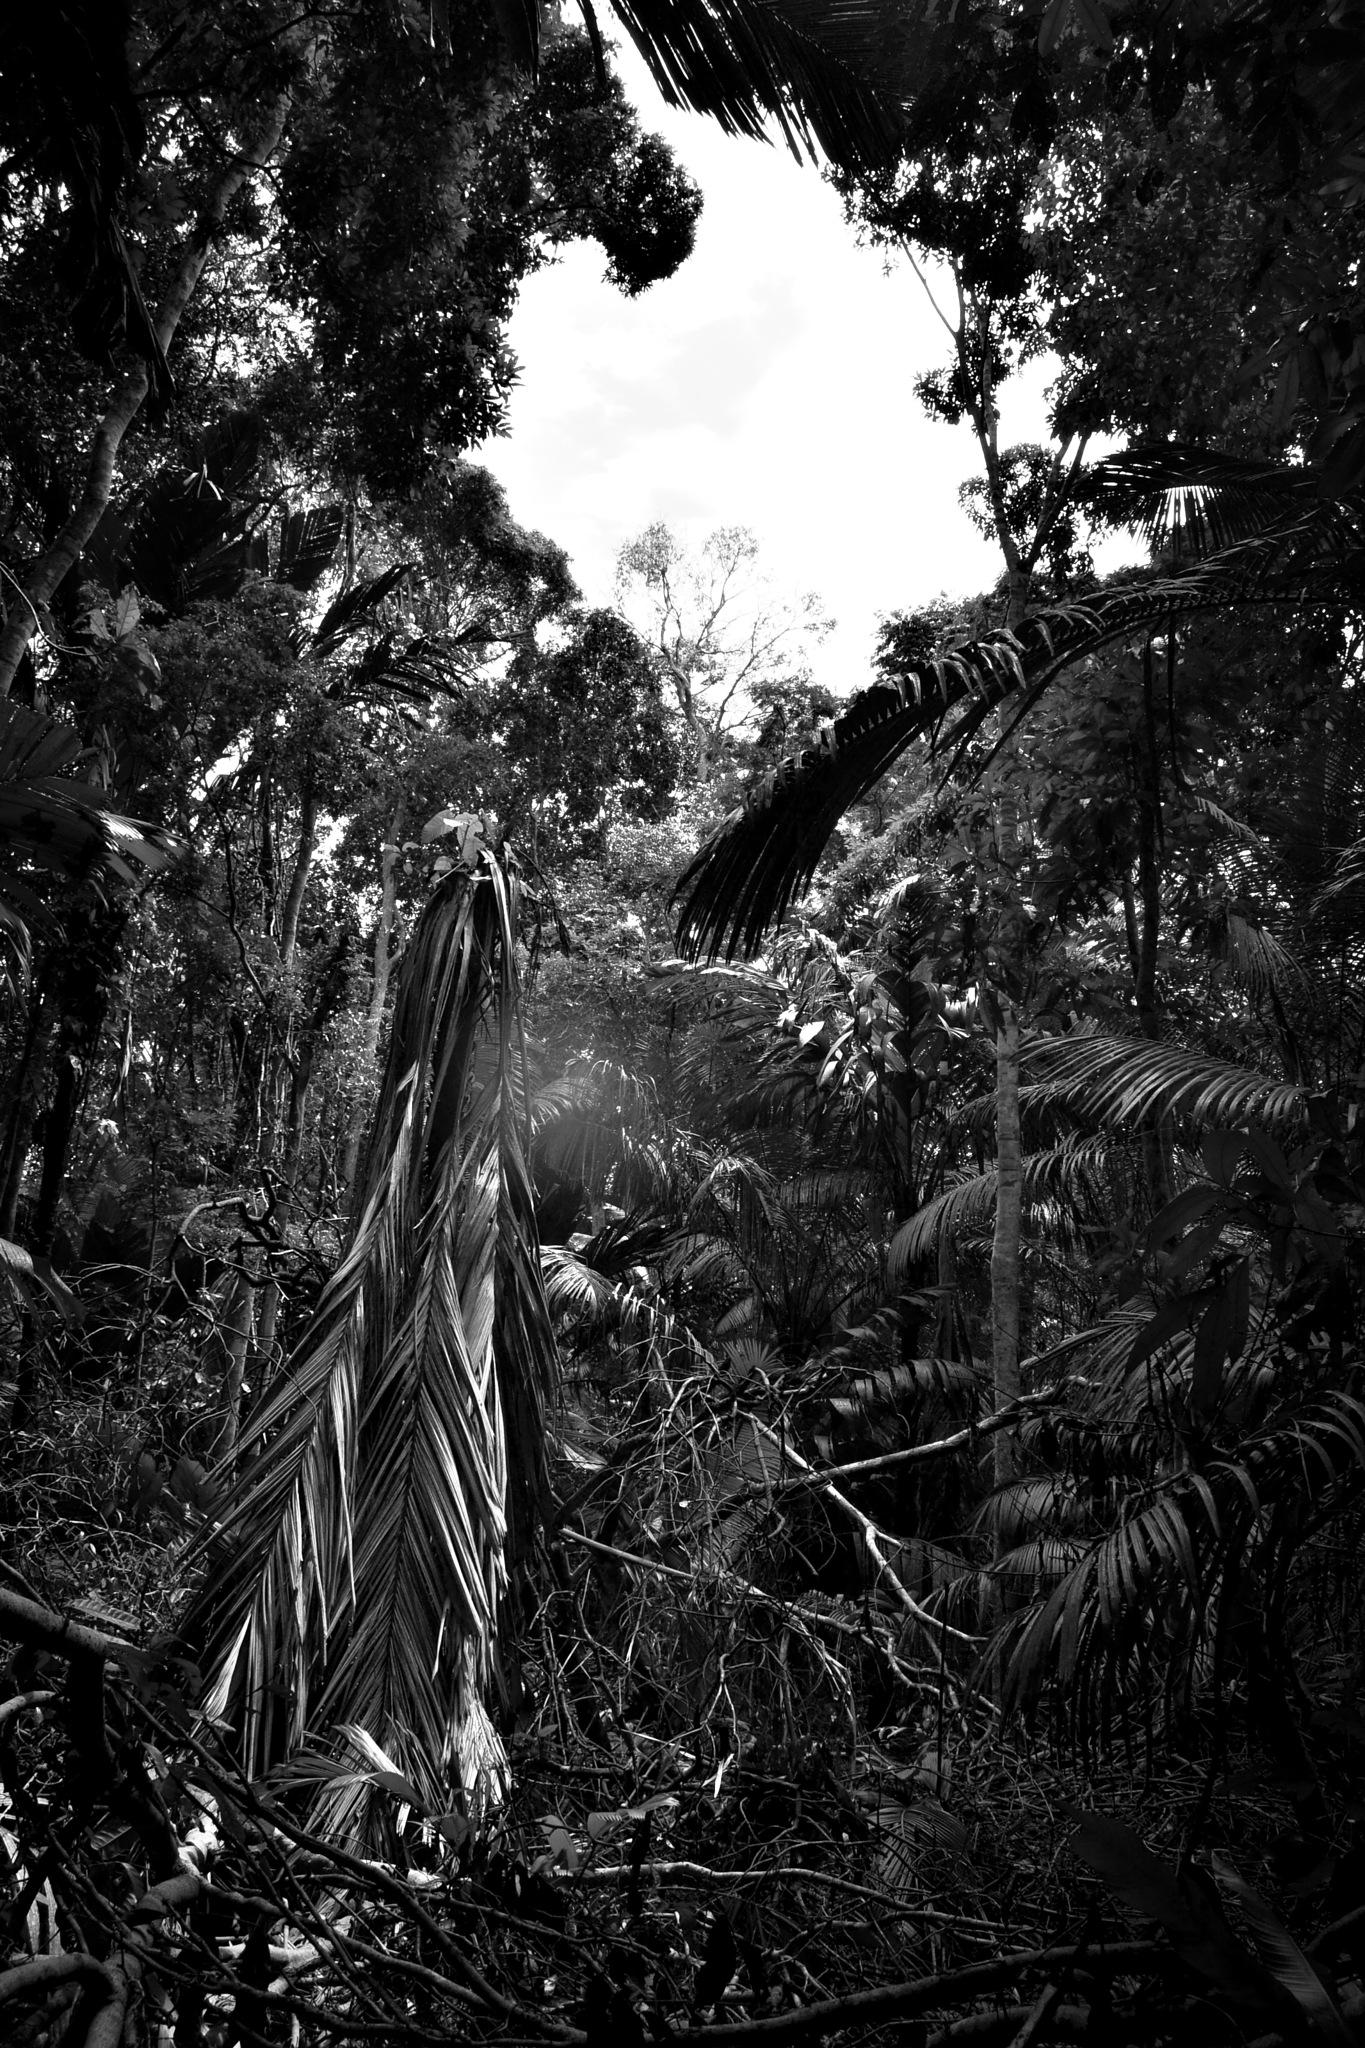 Amazon rainfores by Dayse Ferreira